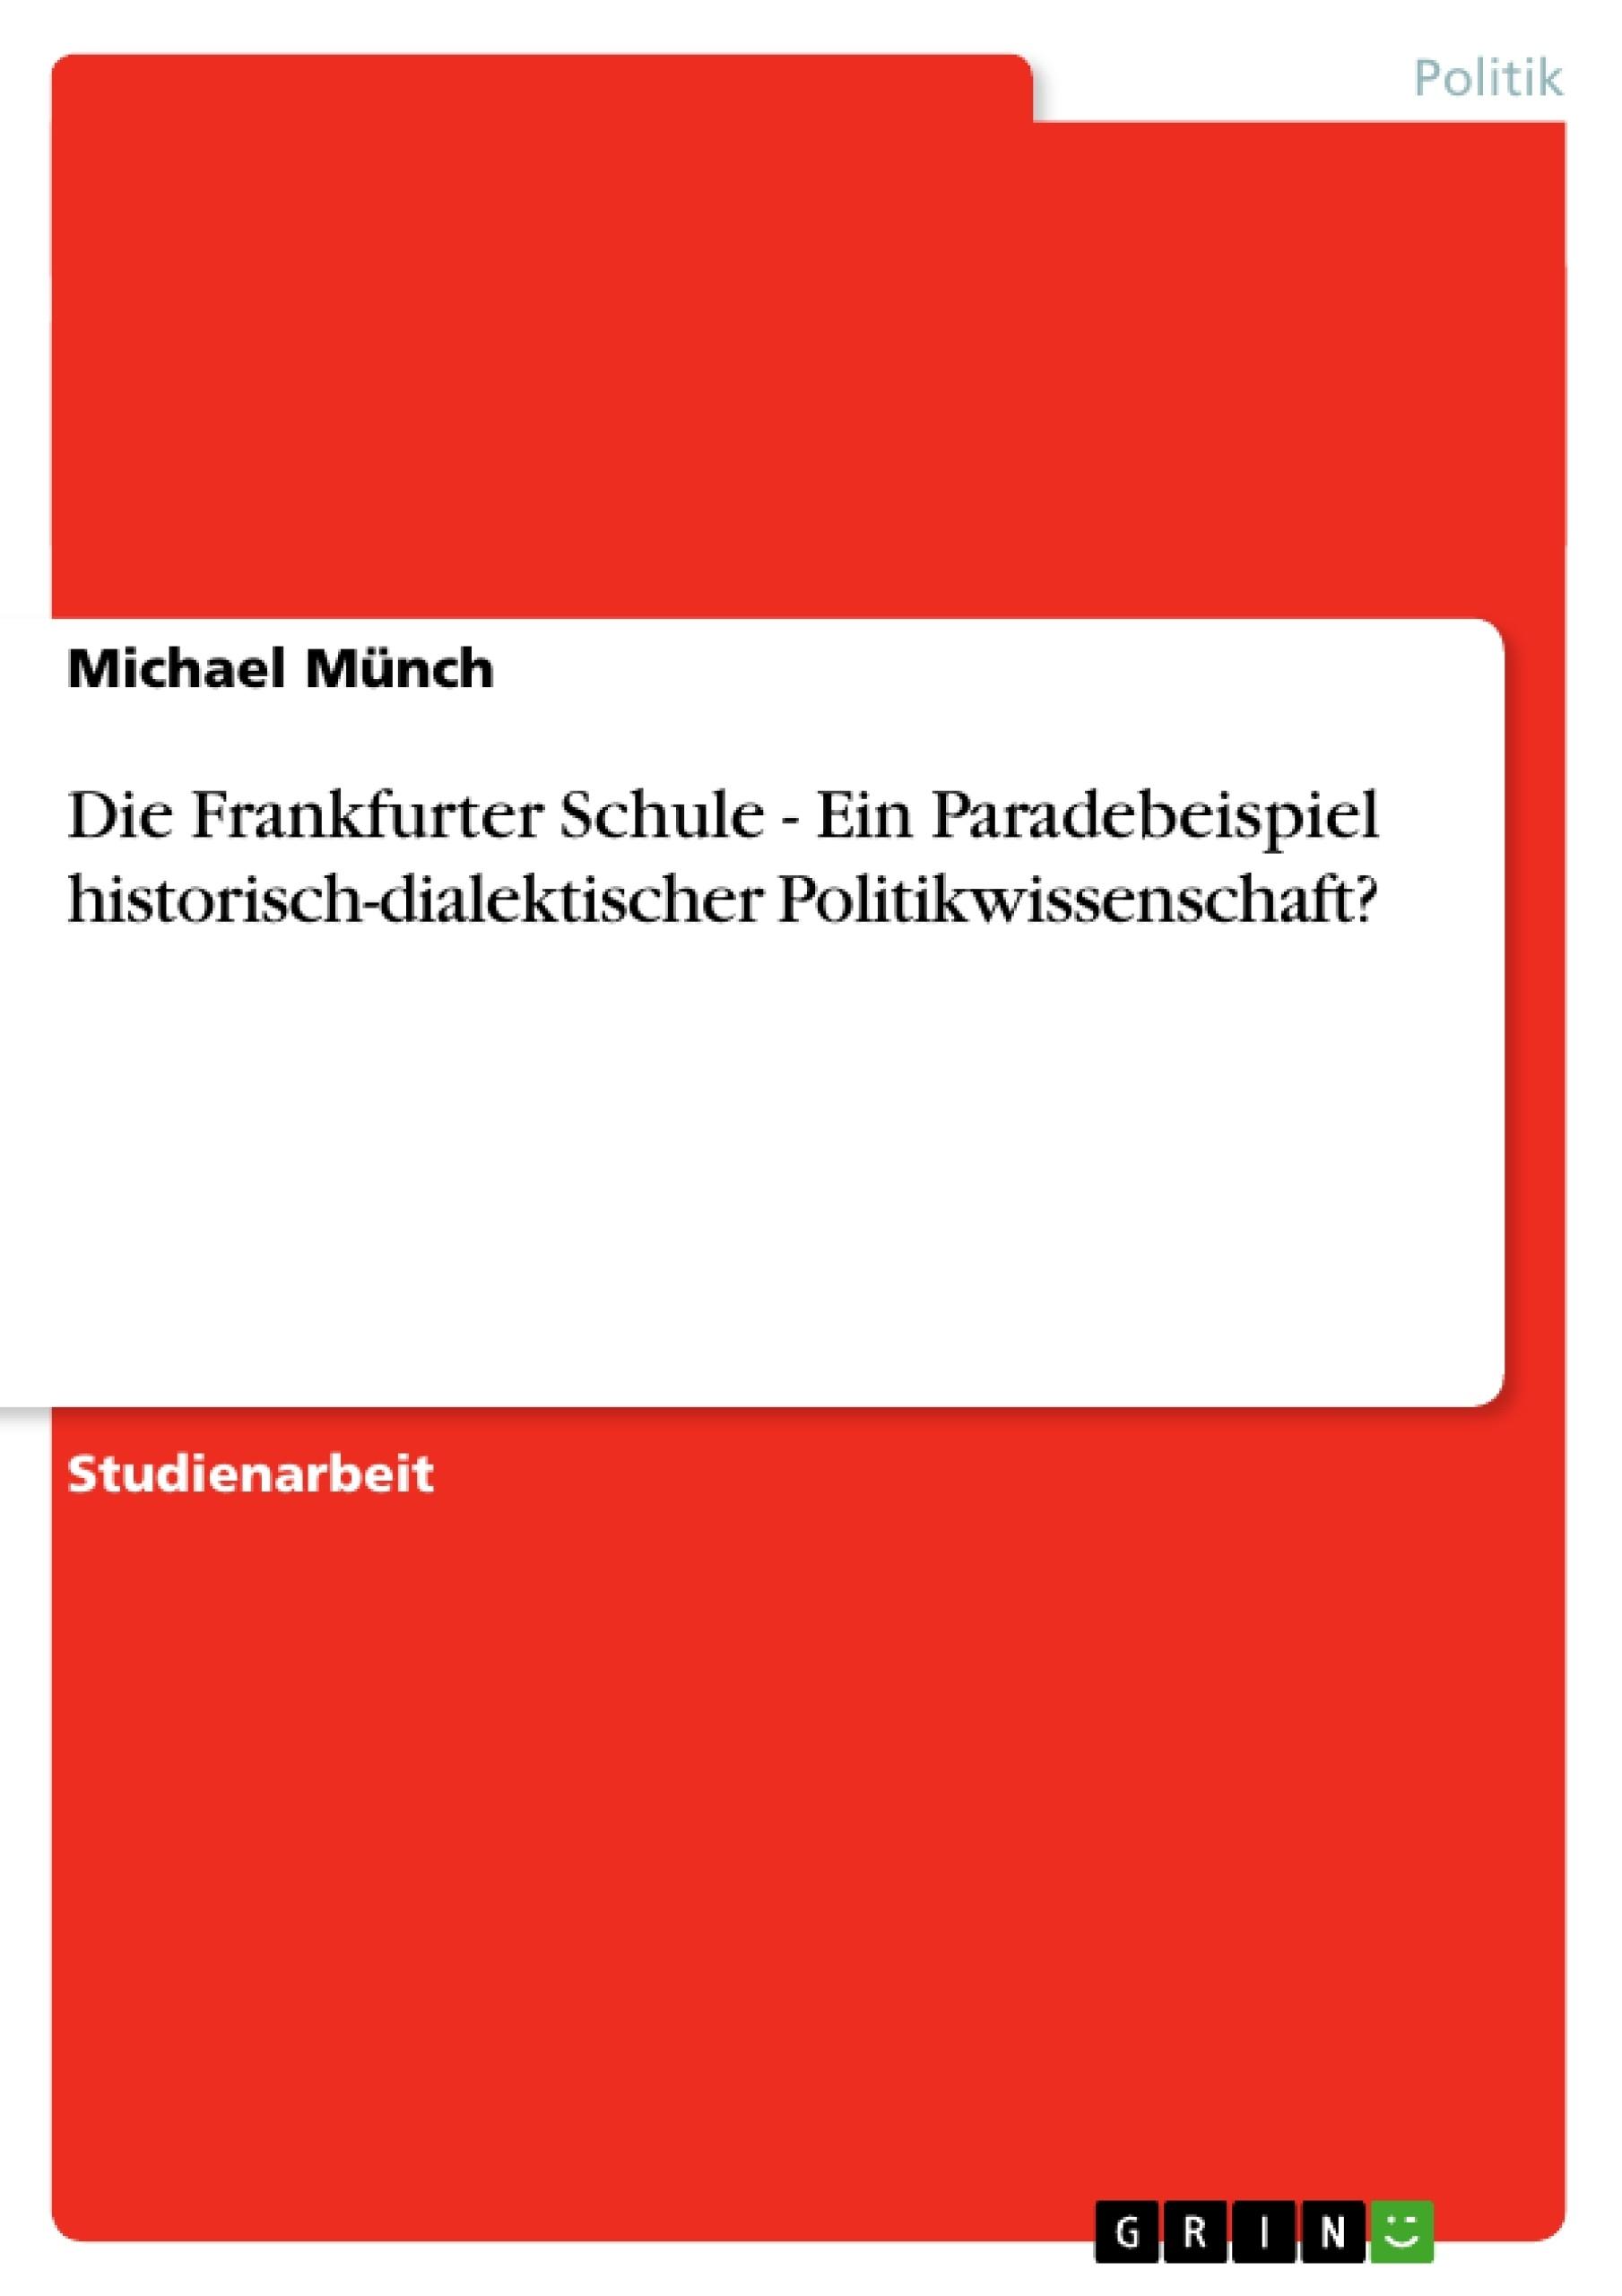 Titel: Die Frankfurter Schule - Ein Paradebeispiel historisch-dialektischer Politikwissenschaft?